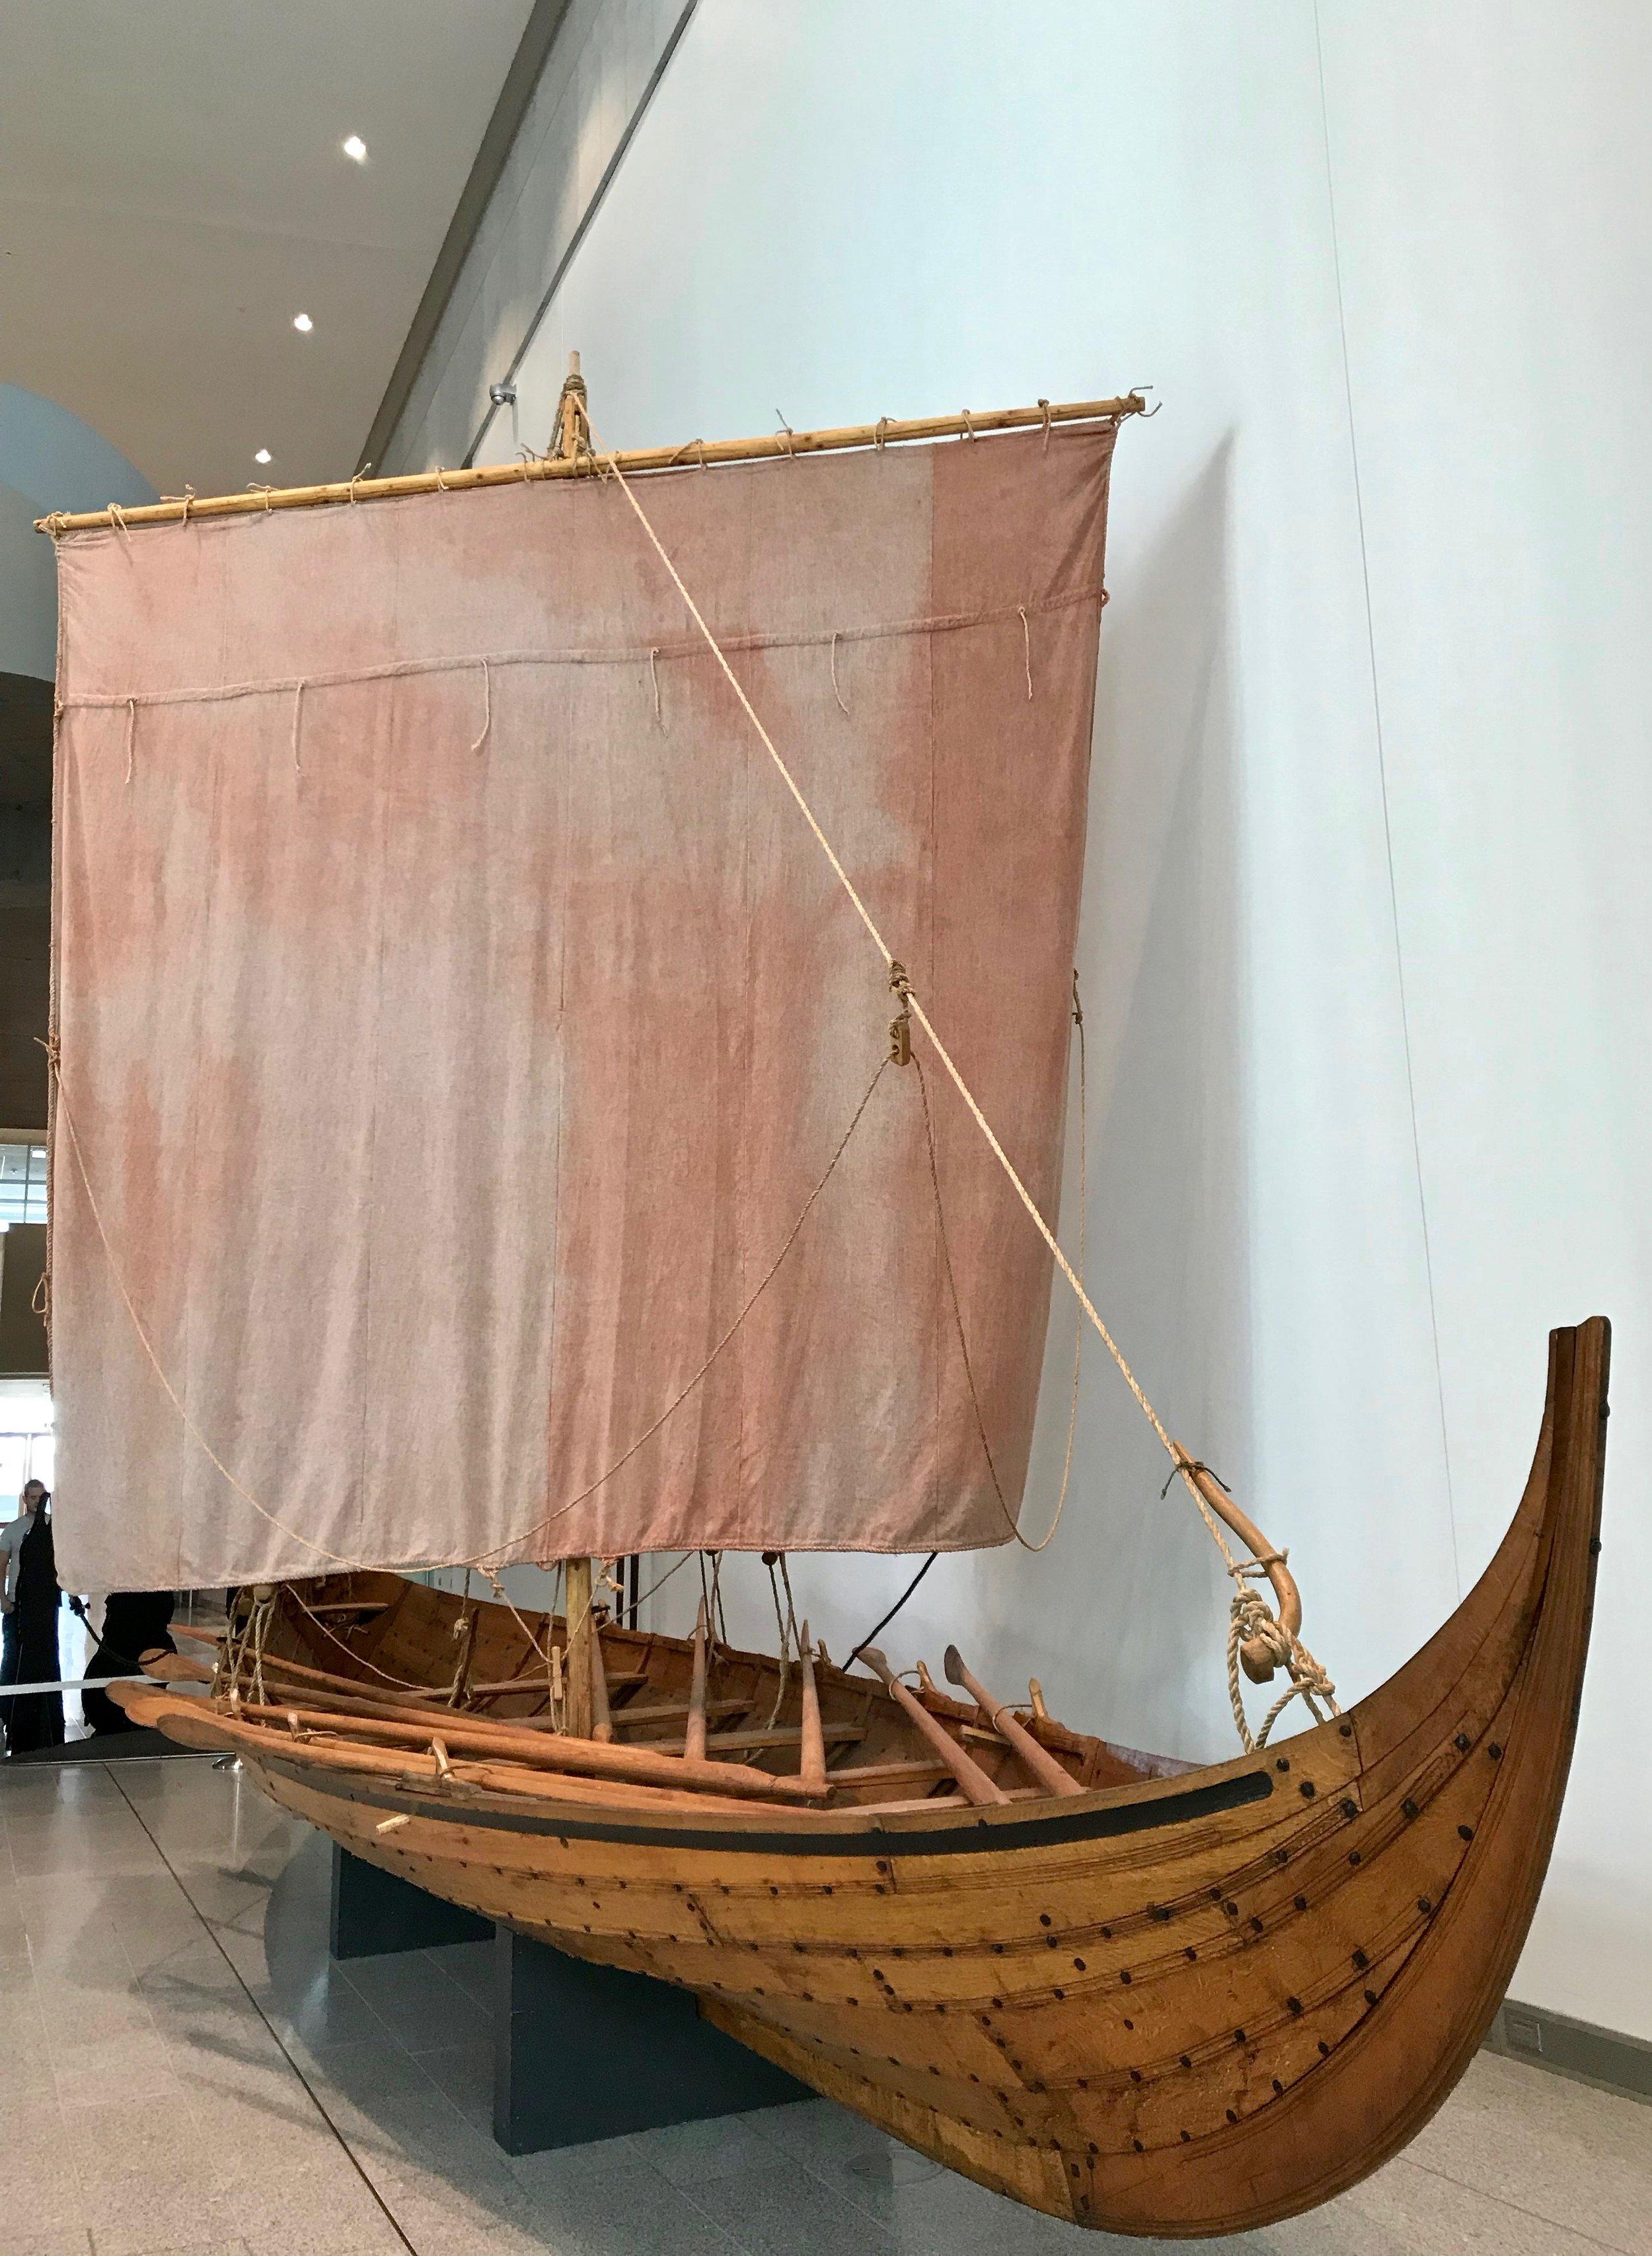 Vikings at the Royal Alberta Museum